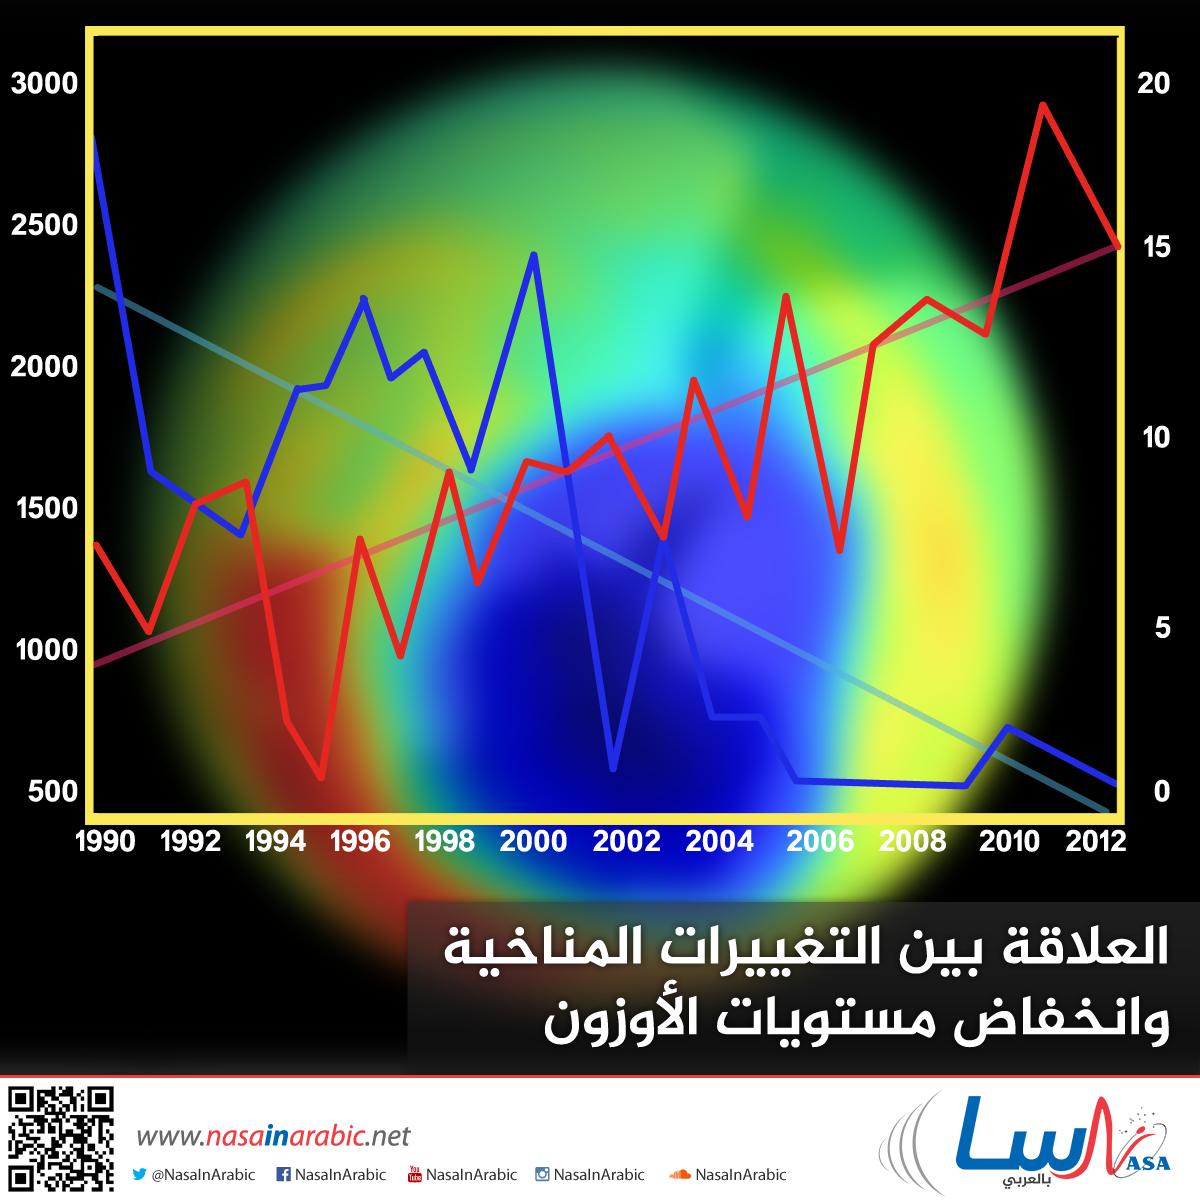 العلاقة بين التغييرات المناخية بانخفاض مستويات الأوزون